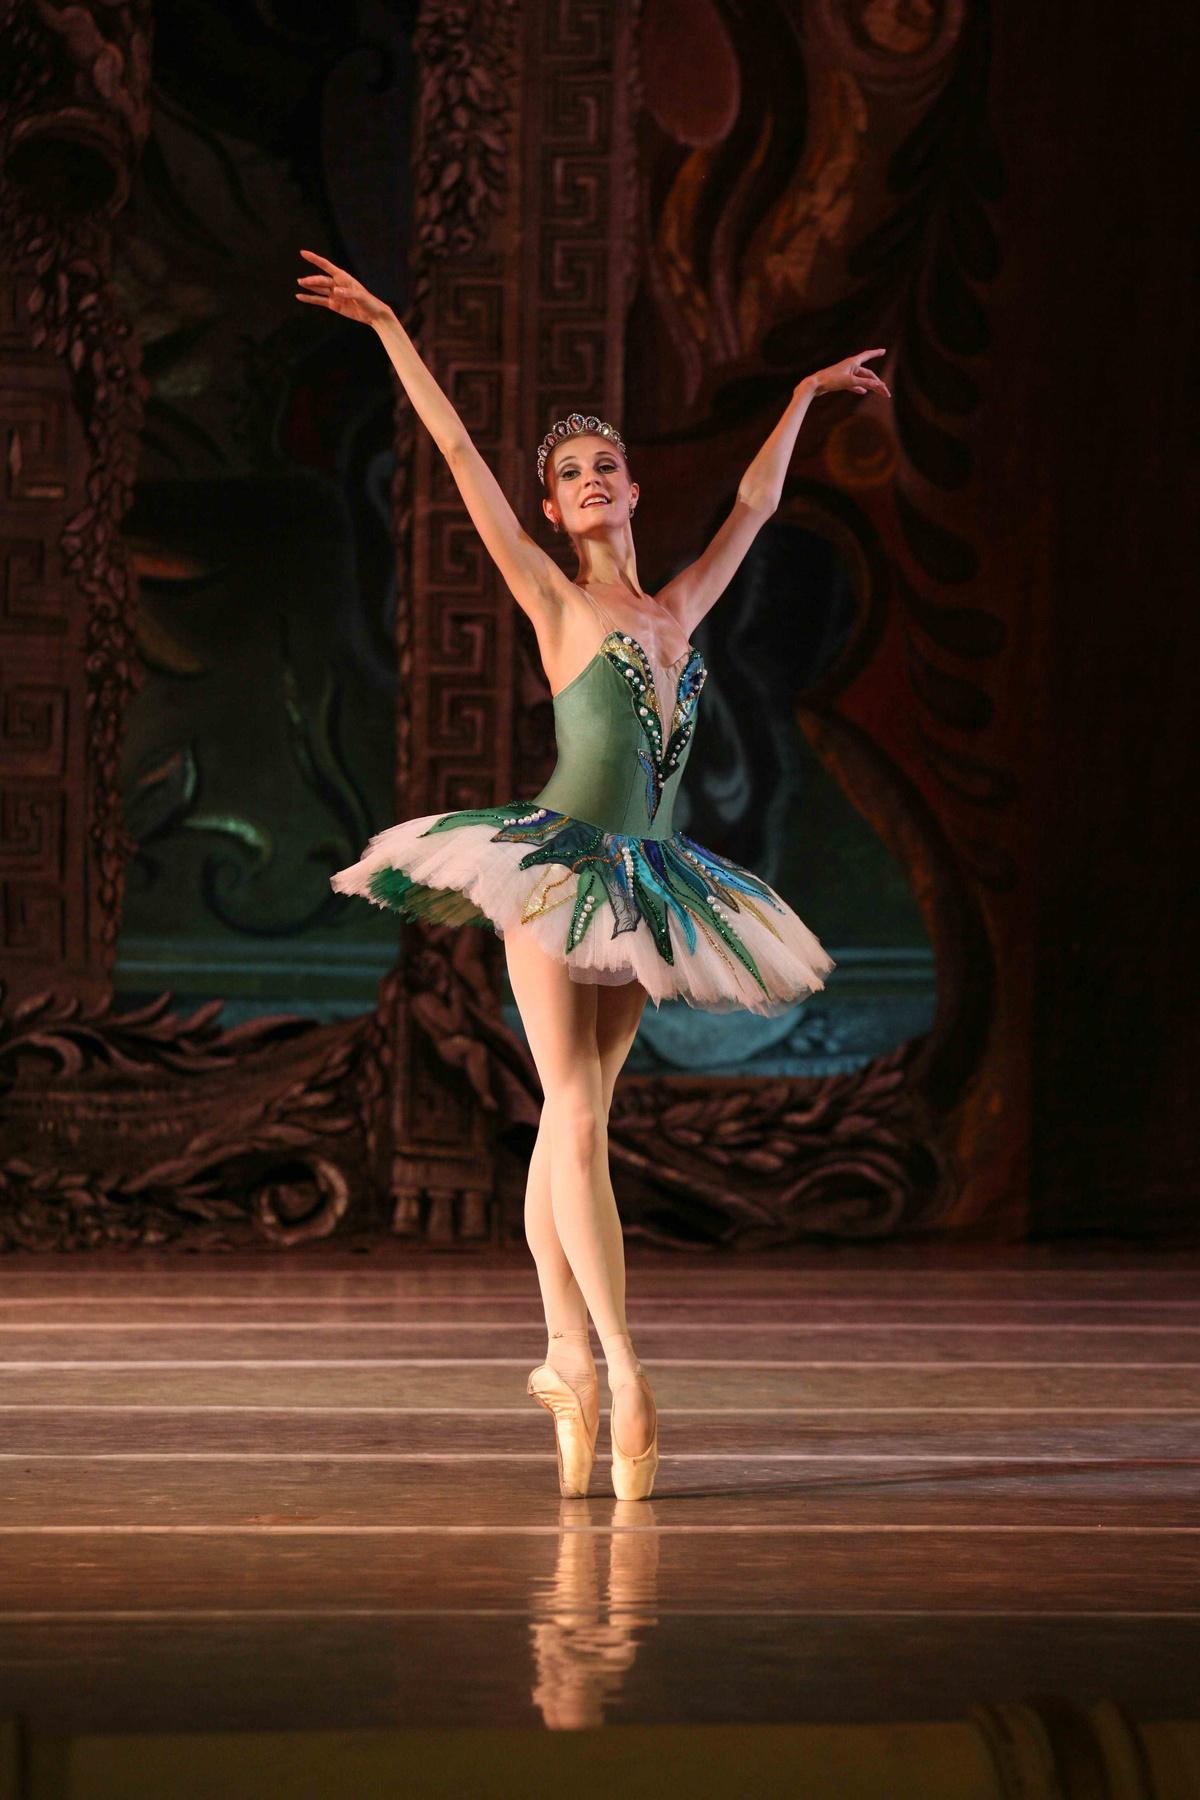 Hd Full Ballet Dancer 1200x1800 Wallpaper Teahub Io